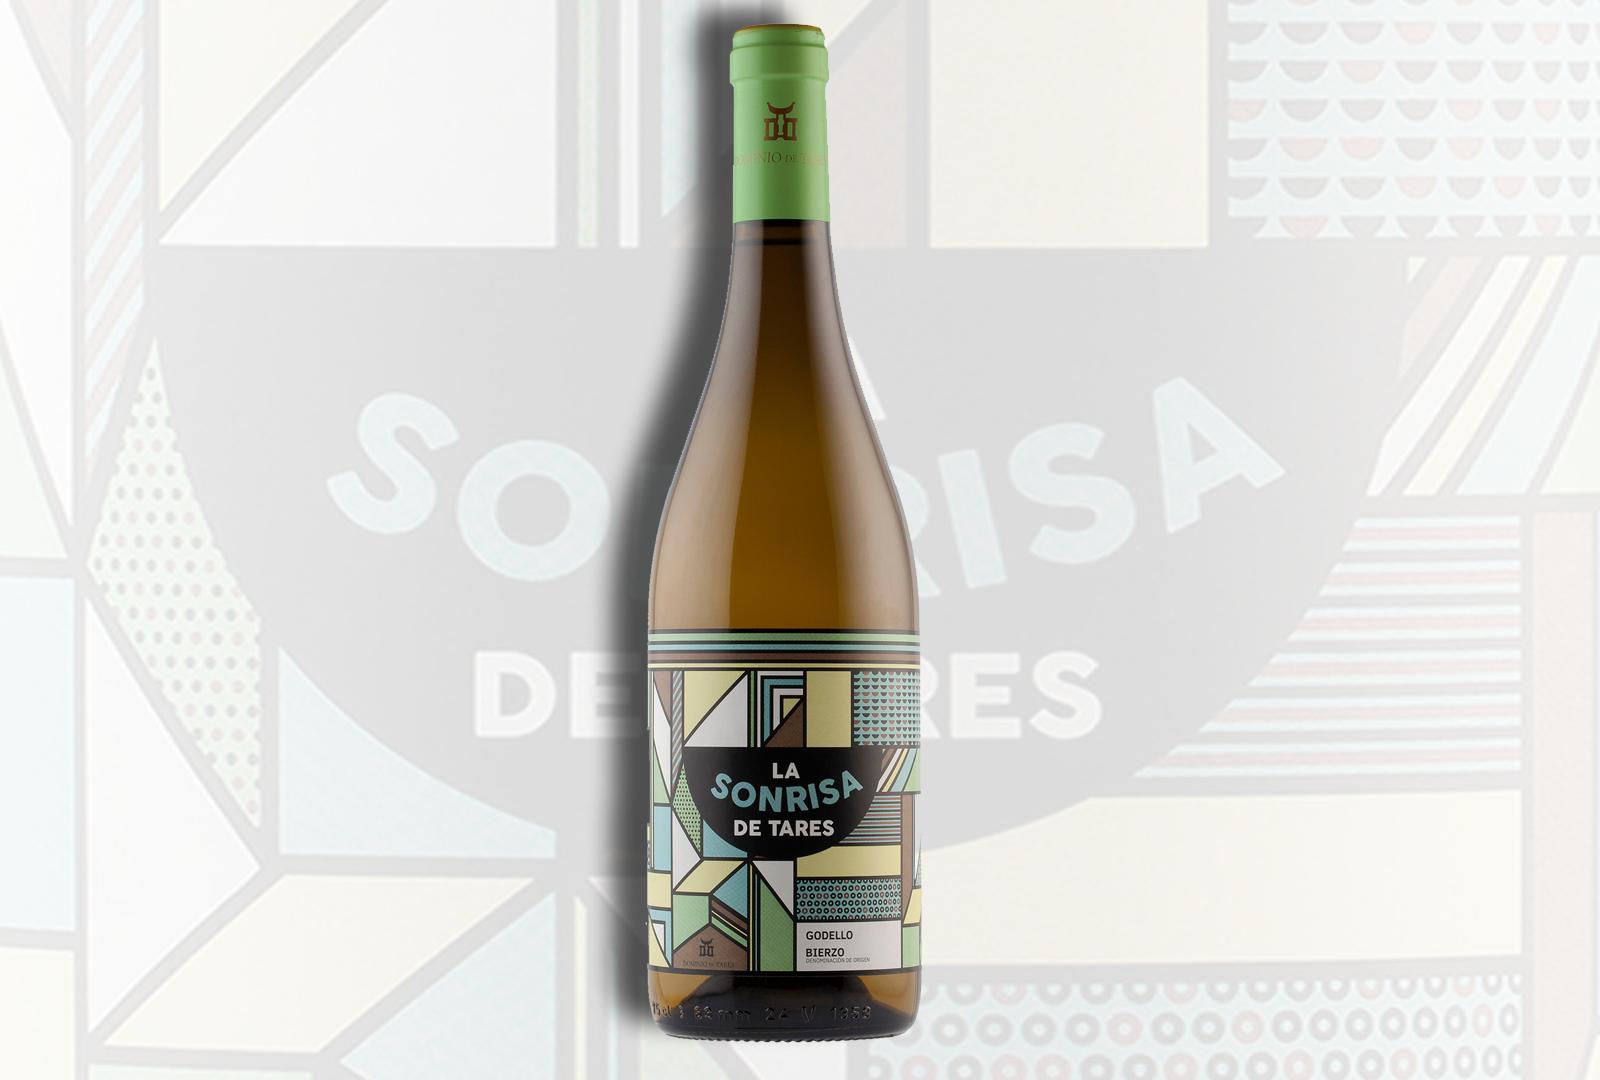 La Sonrisa de Tares, nuevo vino blanco.